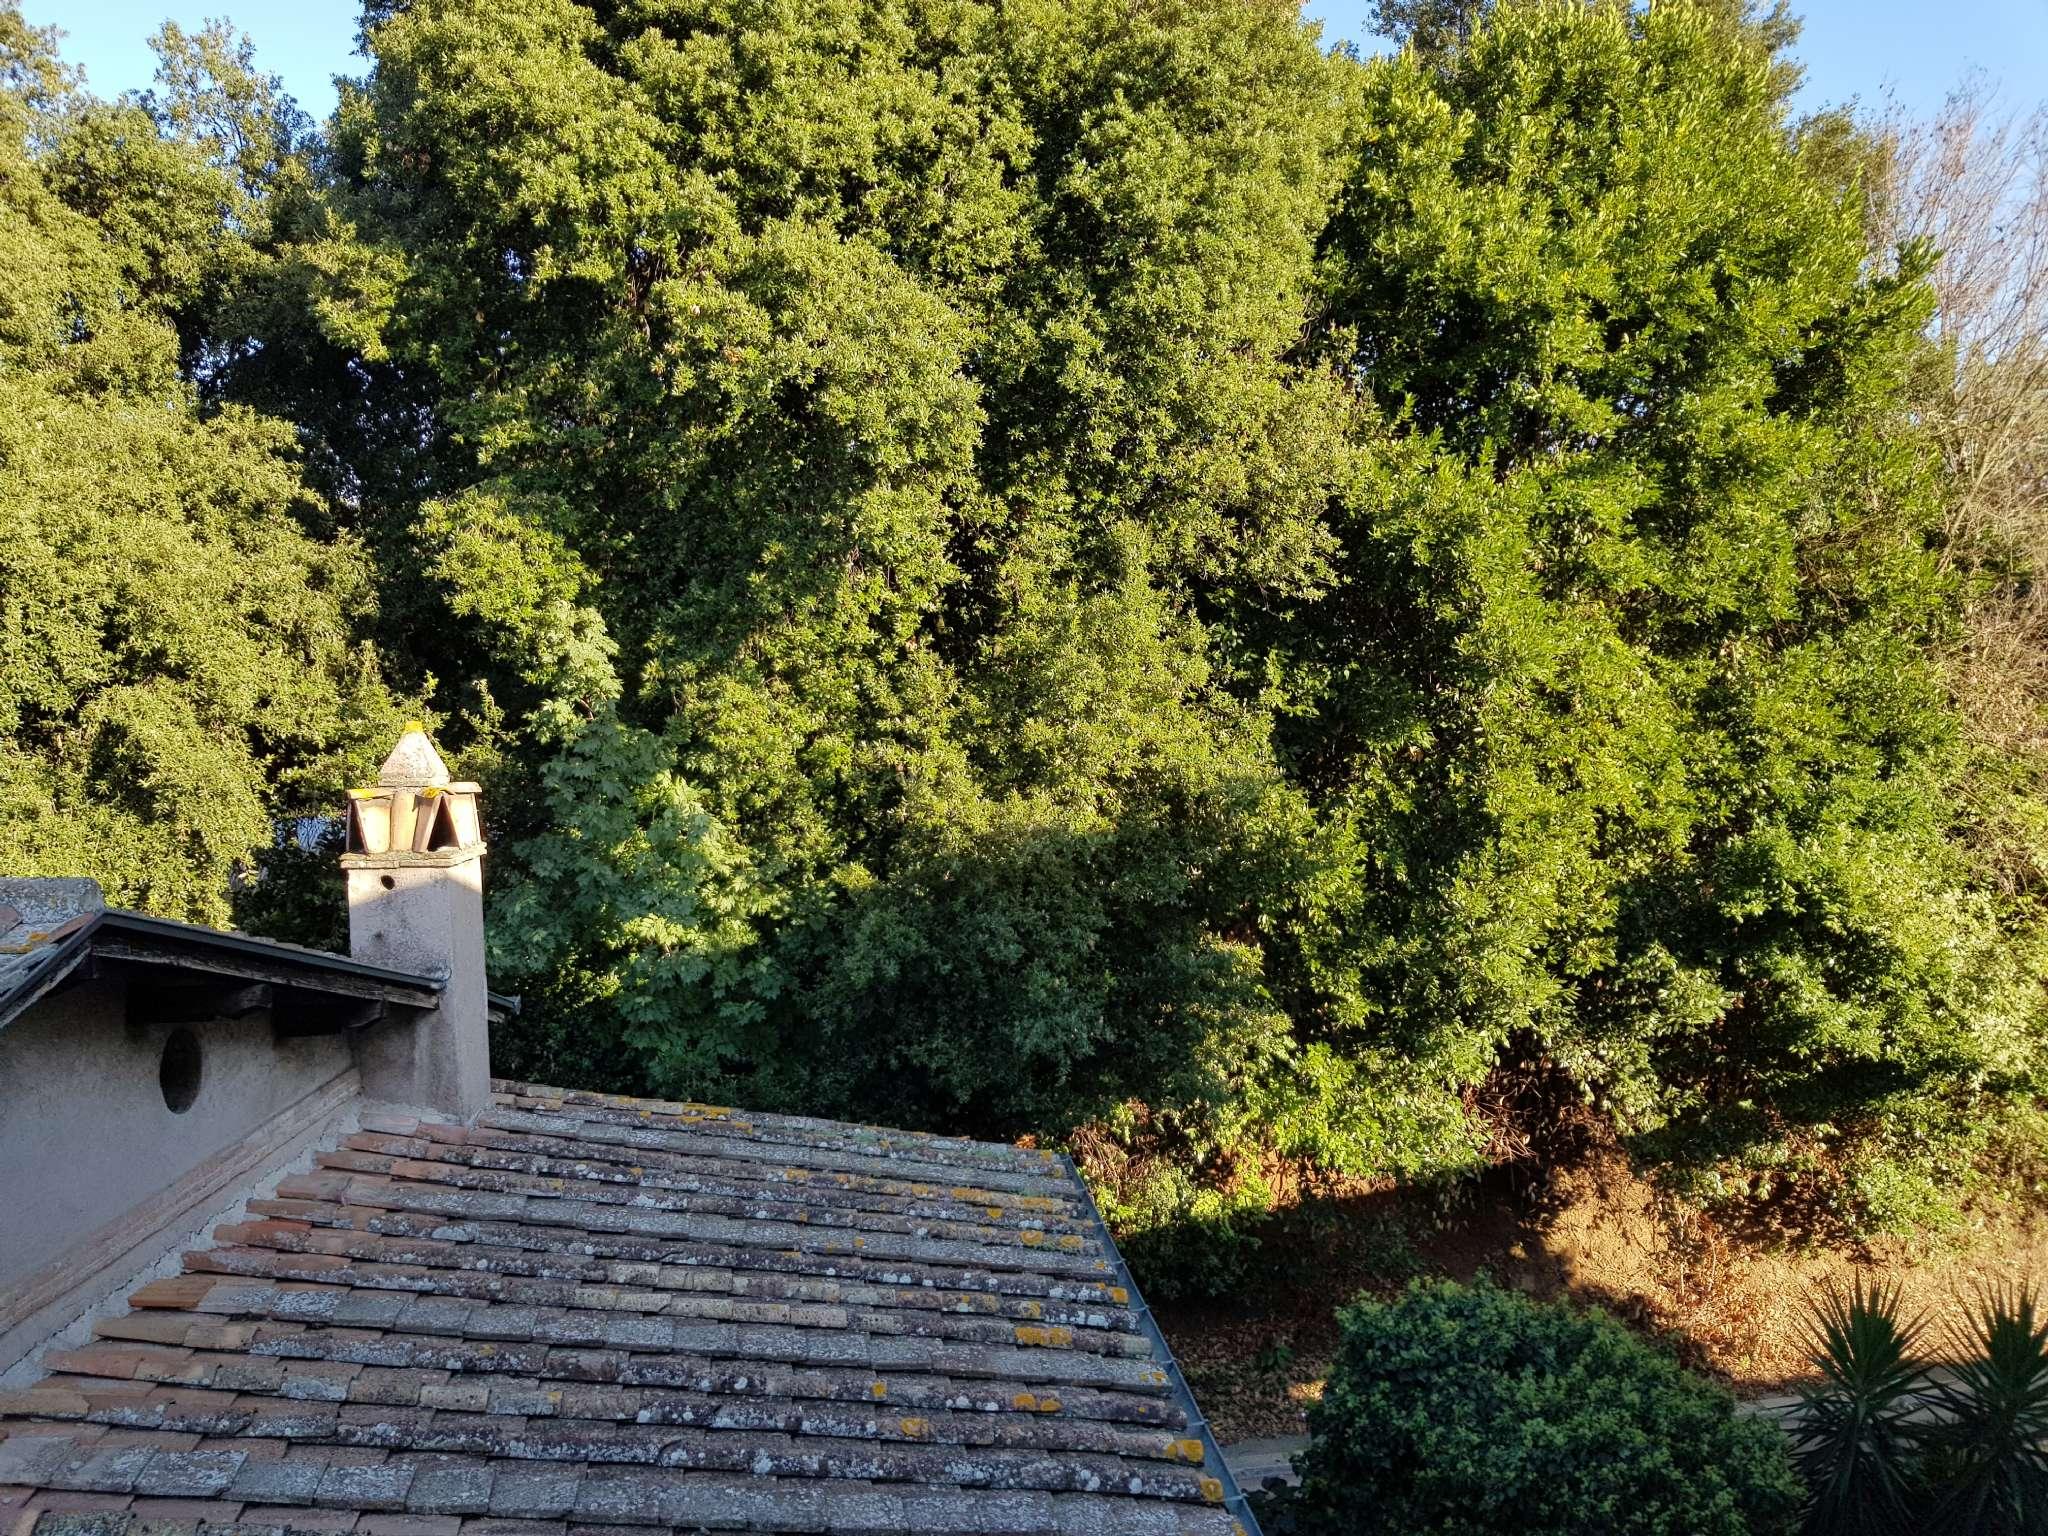 Attico / Mansarda in vendita a Roma, 4 locali, zona Zona: 18 . Ardeatino - Grotta Perfetta - Fonte Meravigliosa, prezzo € 420.000 | CambioCasa.it